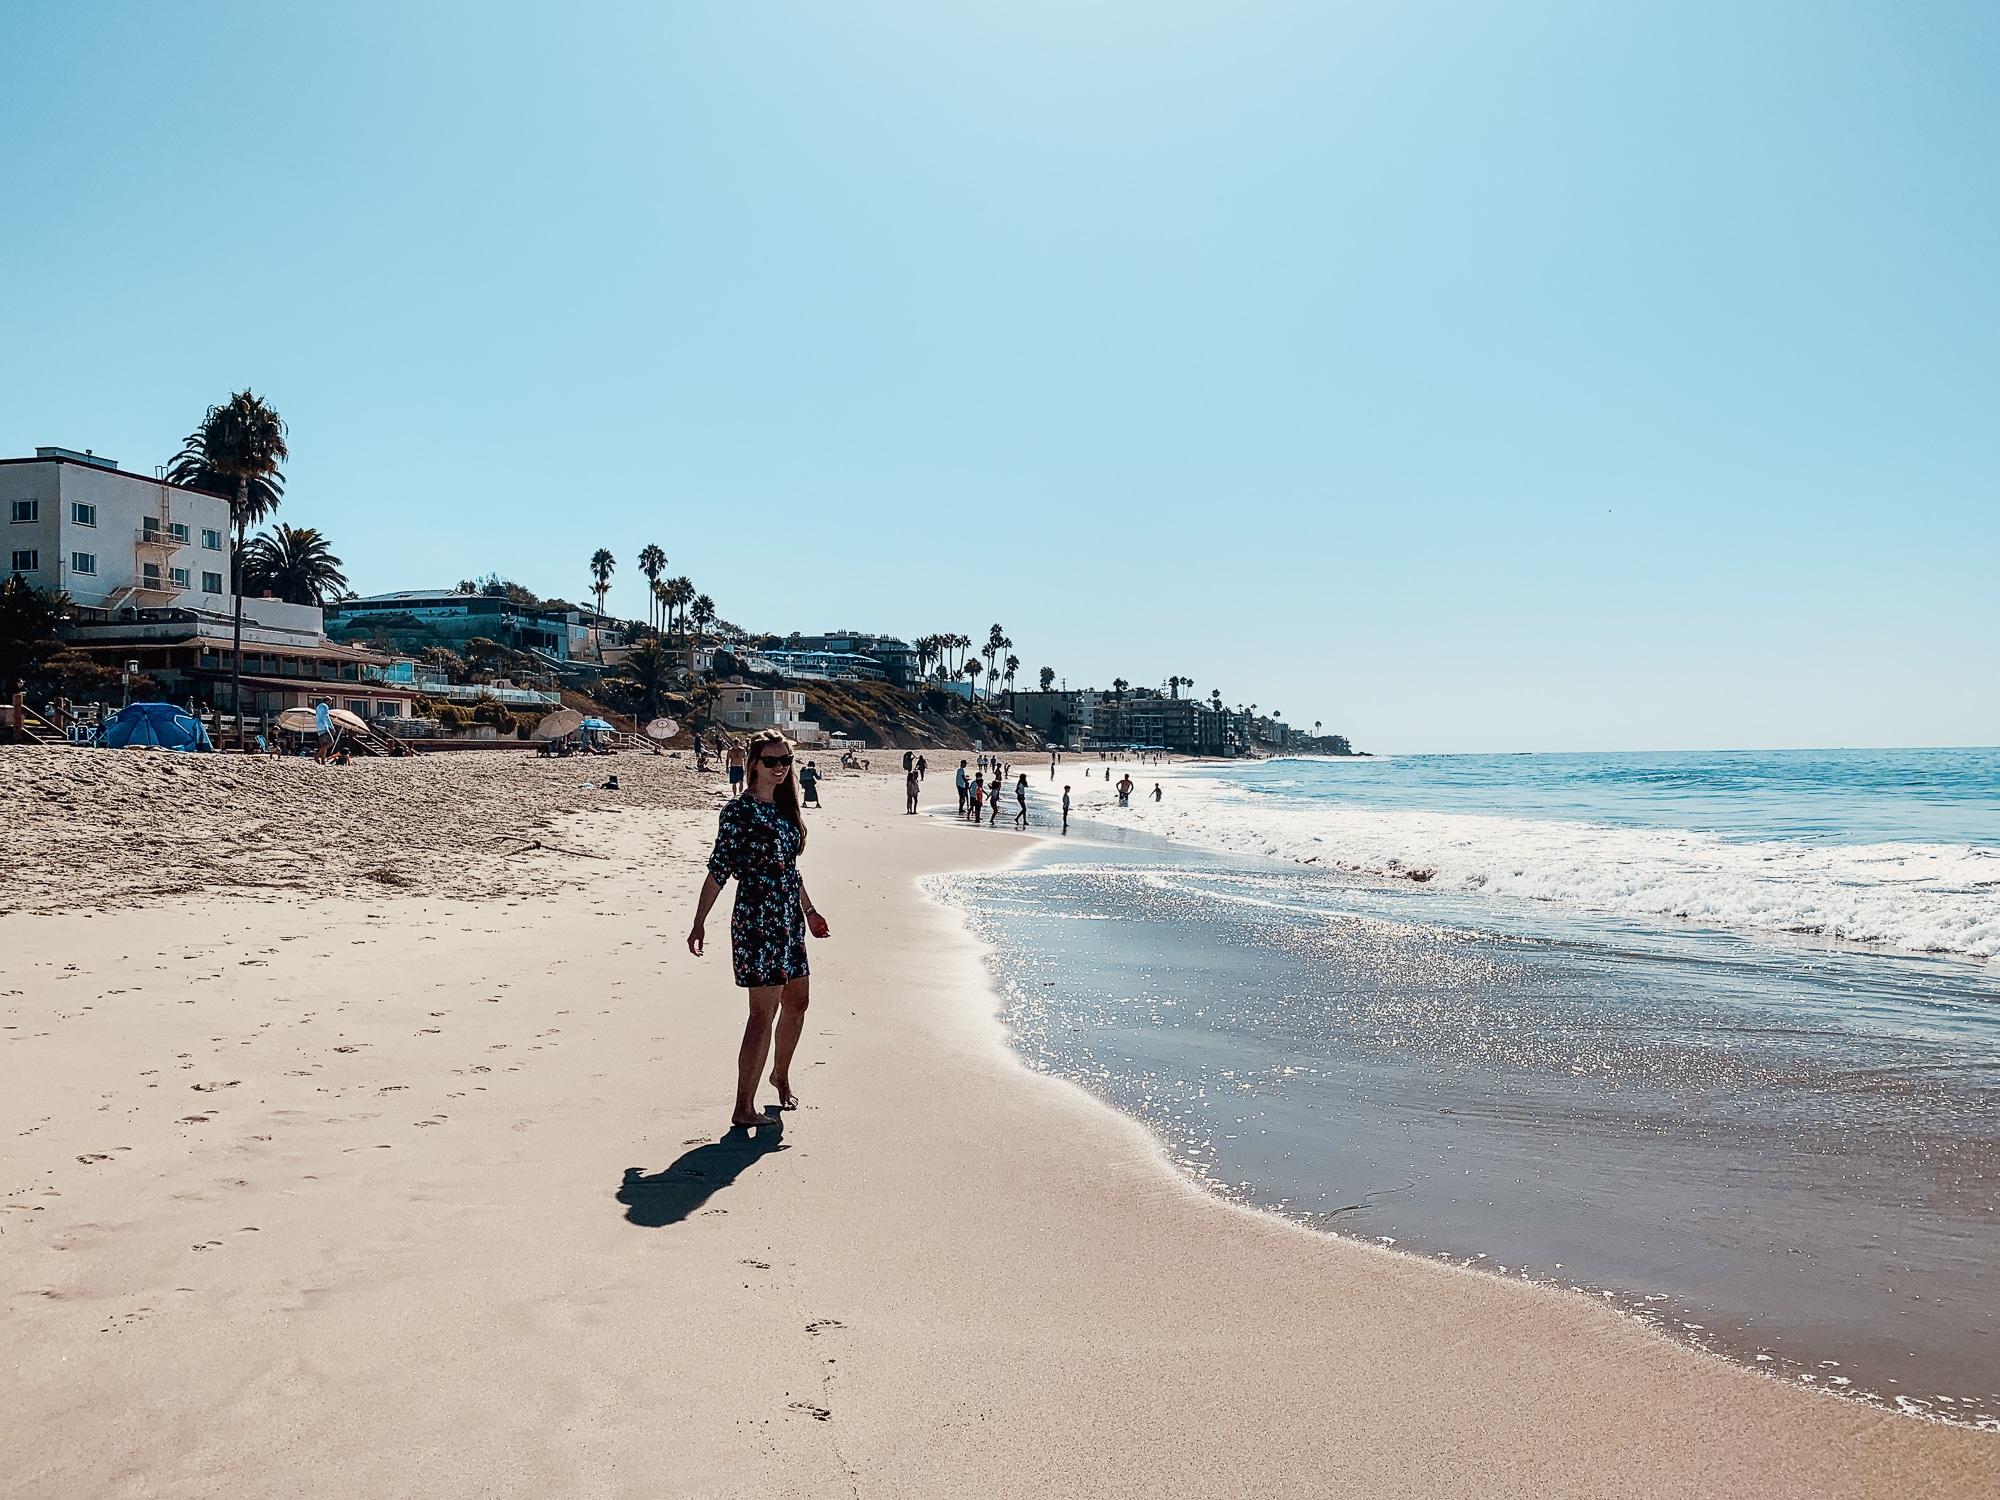 San Diego Sehenswürdigkeiten: Highlights und Things to do für eure Reise - Carlsbad State Beach